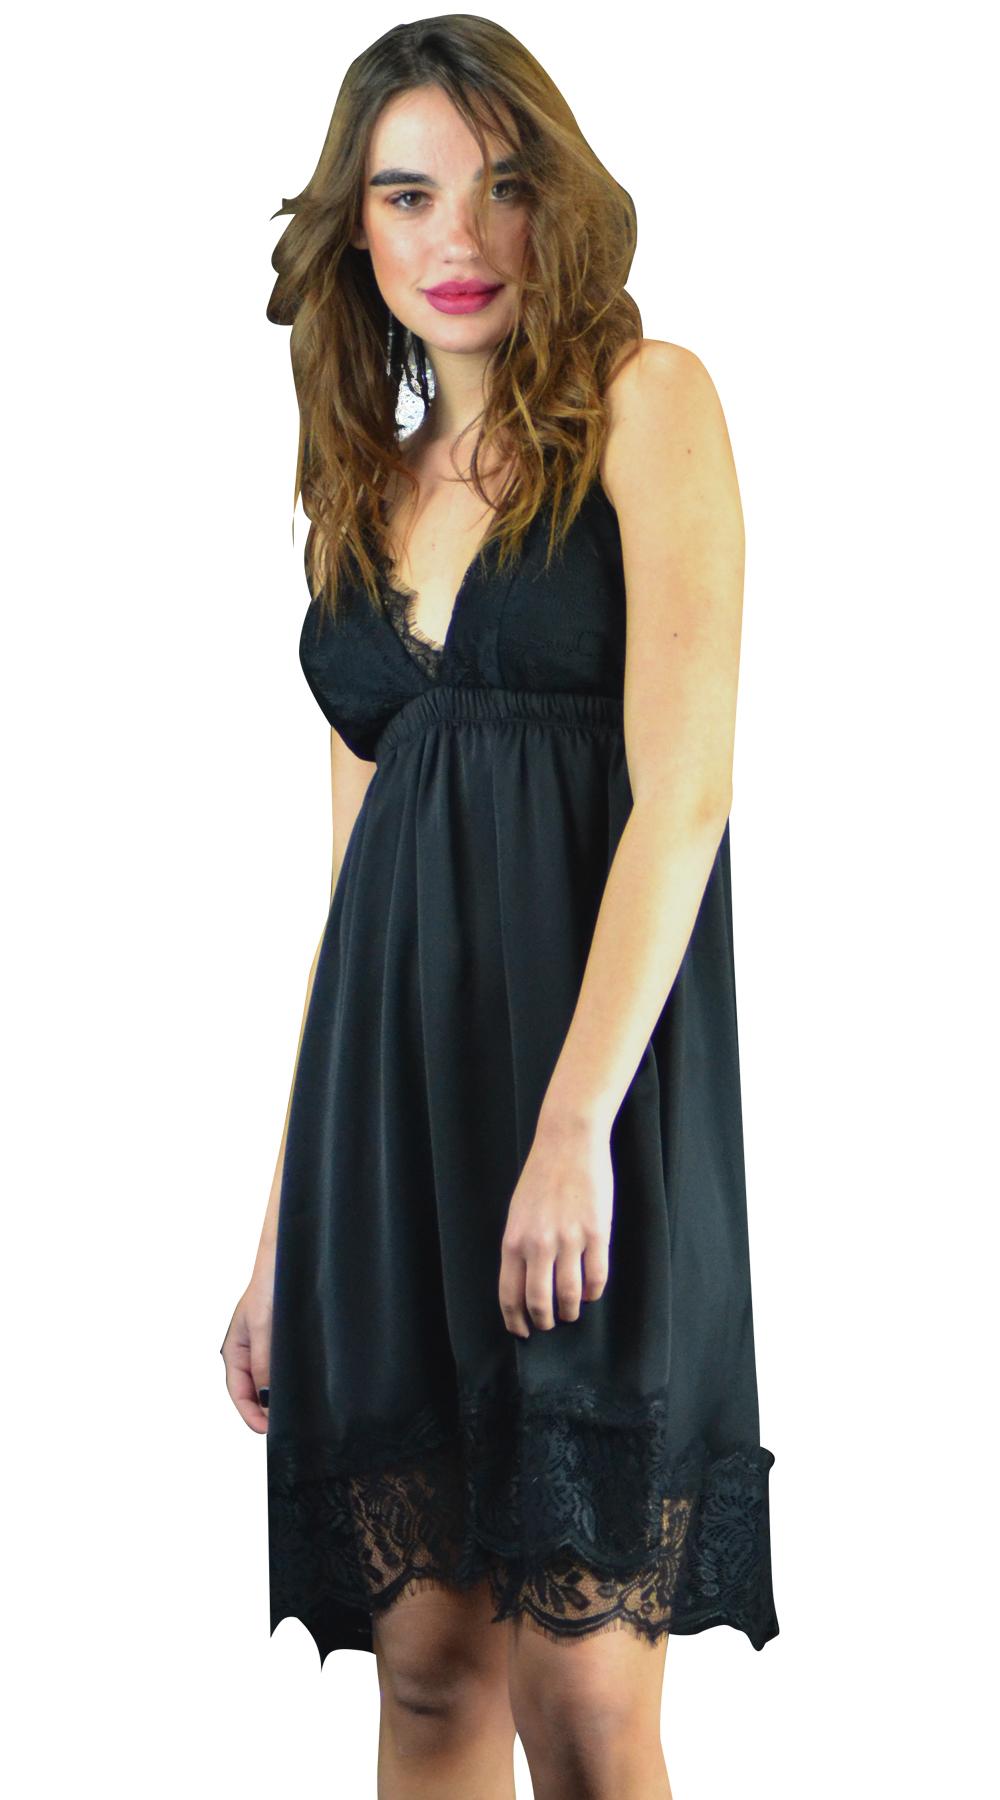 Βραδυνό μίνι φόρεμα με δαντέλα στο μπούστο - OEM - FA17LV-5404122650 glam occassions wedding shop